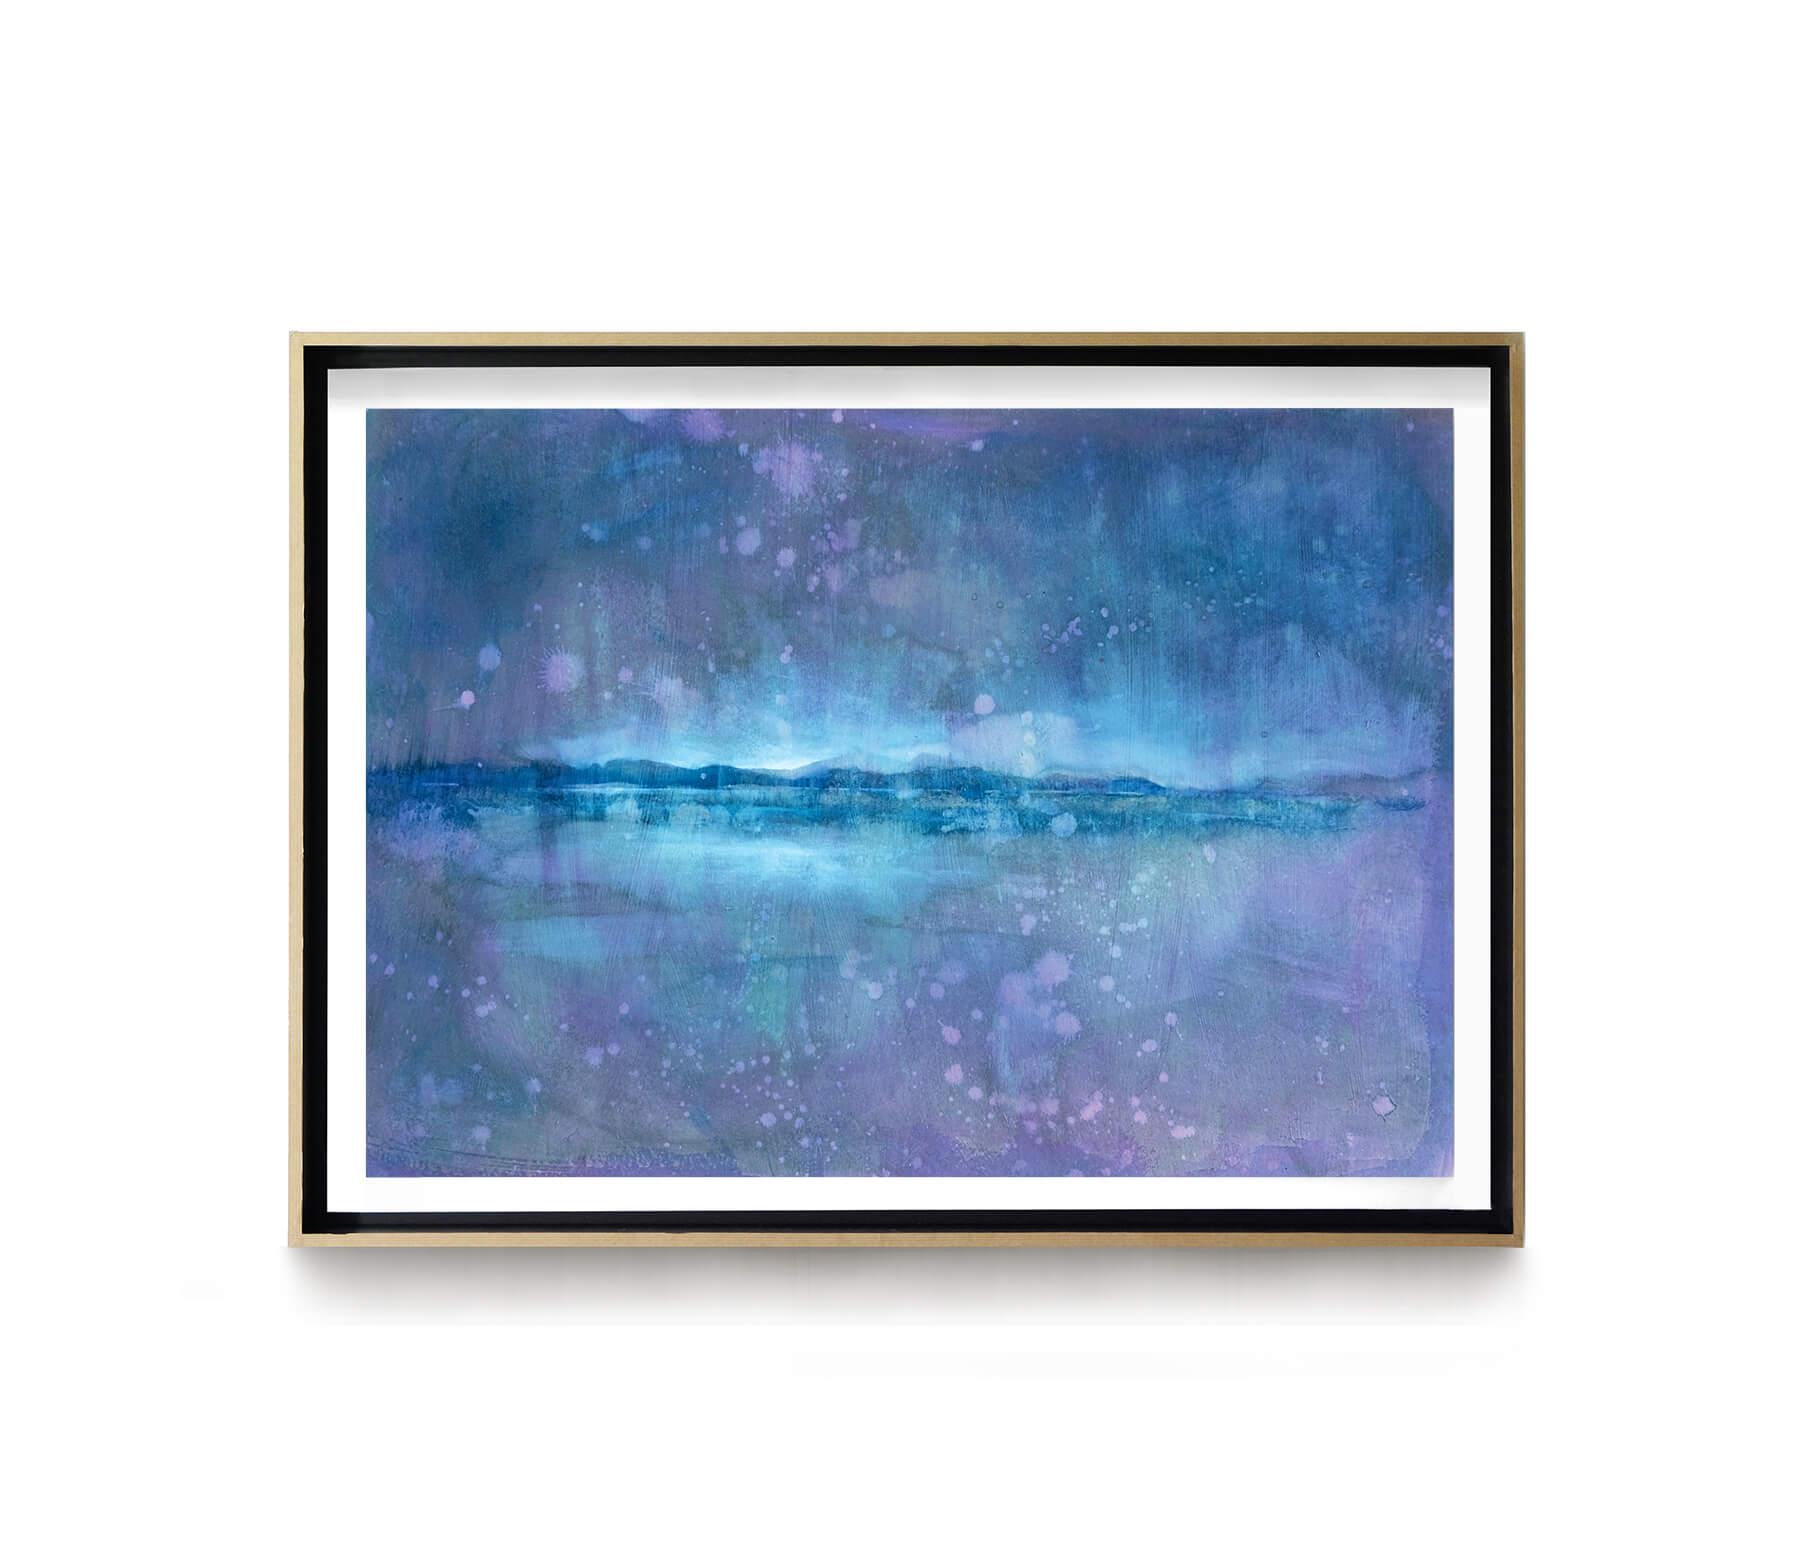 Paysage_violet_65x48cm_acrylique_et_encre_sur_carton_encadre_chene_lightbox